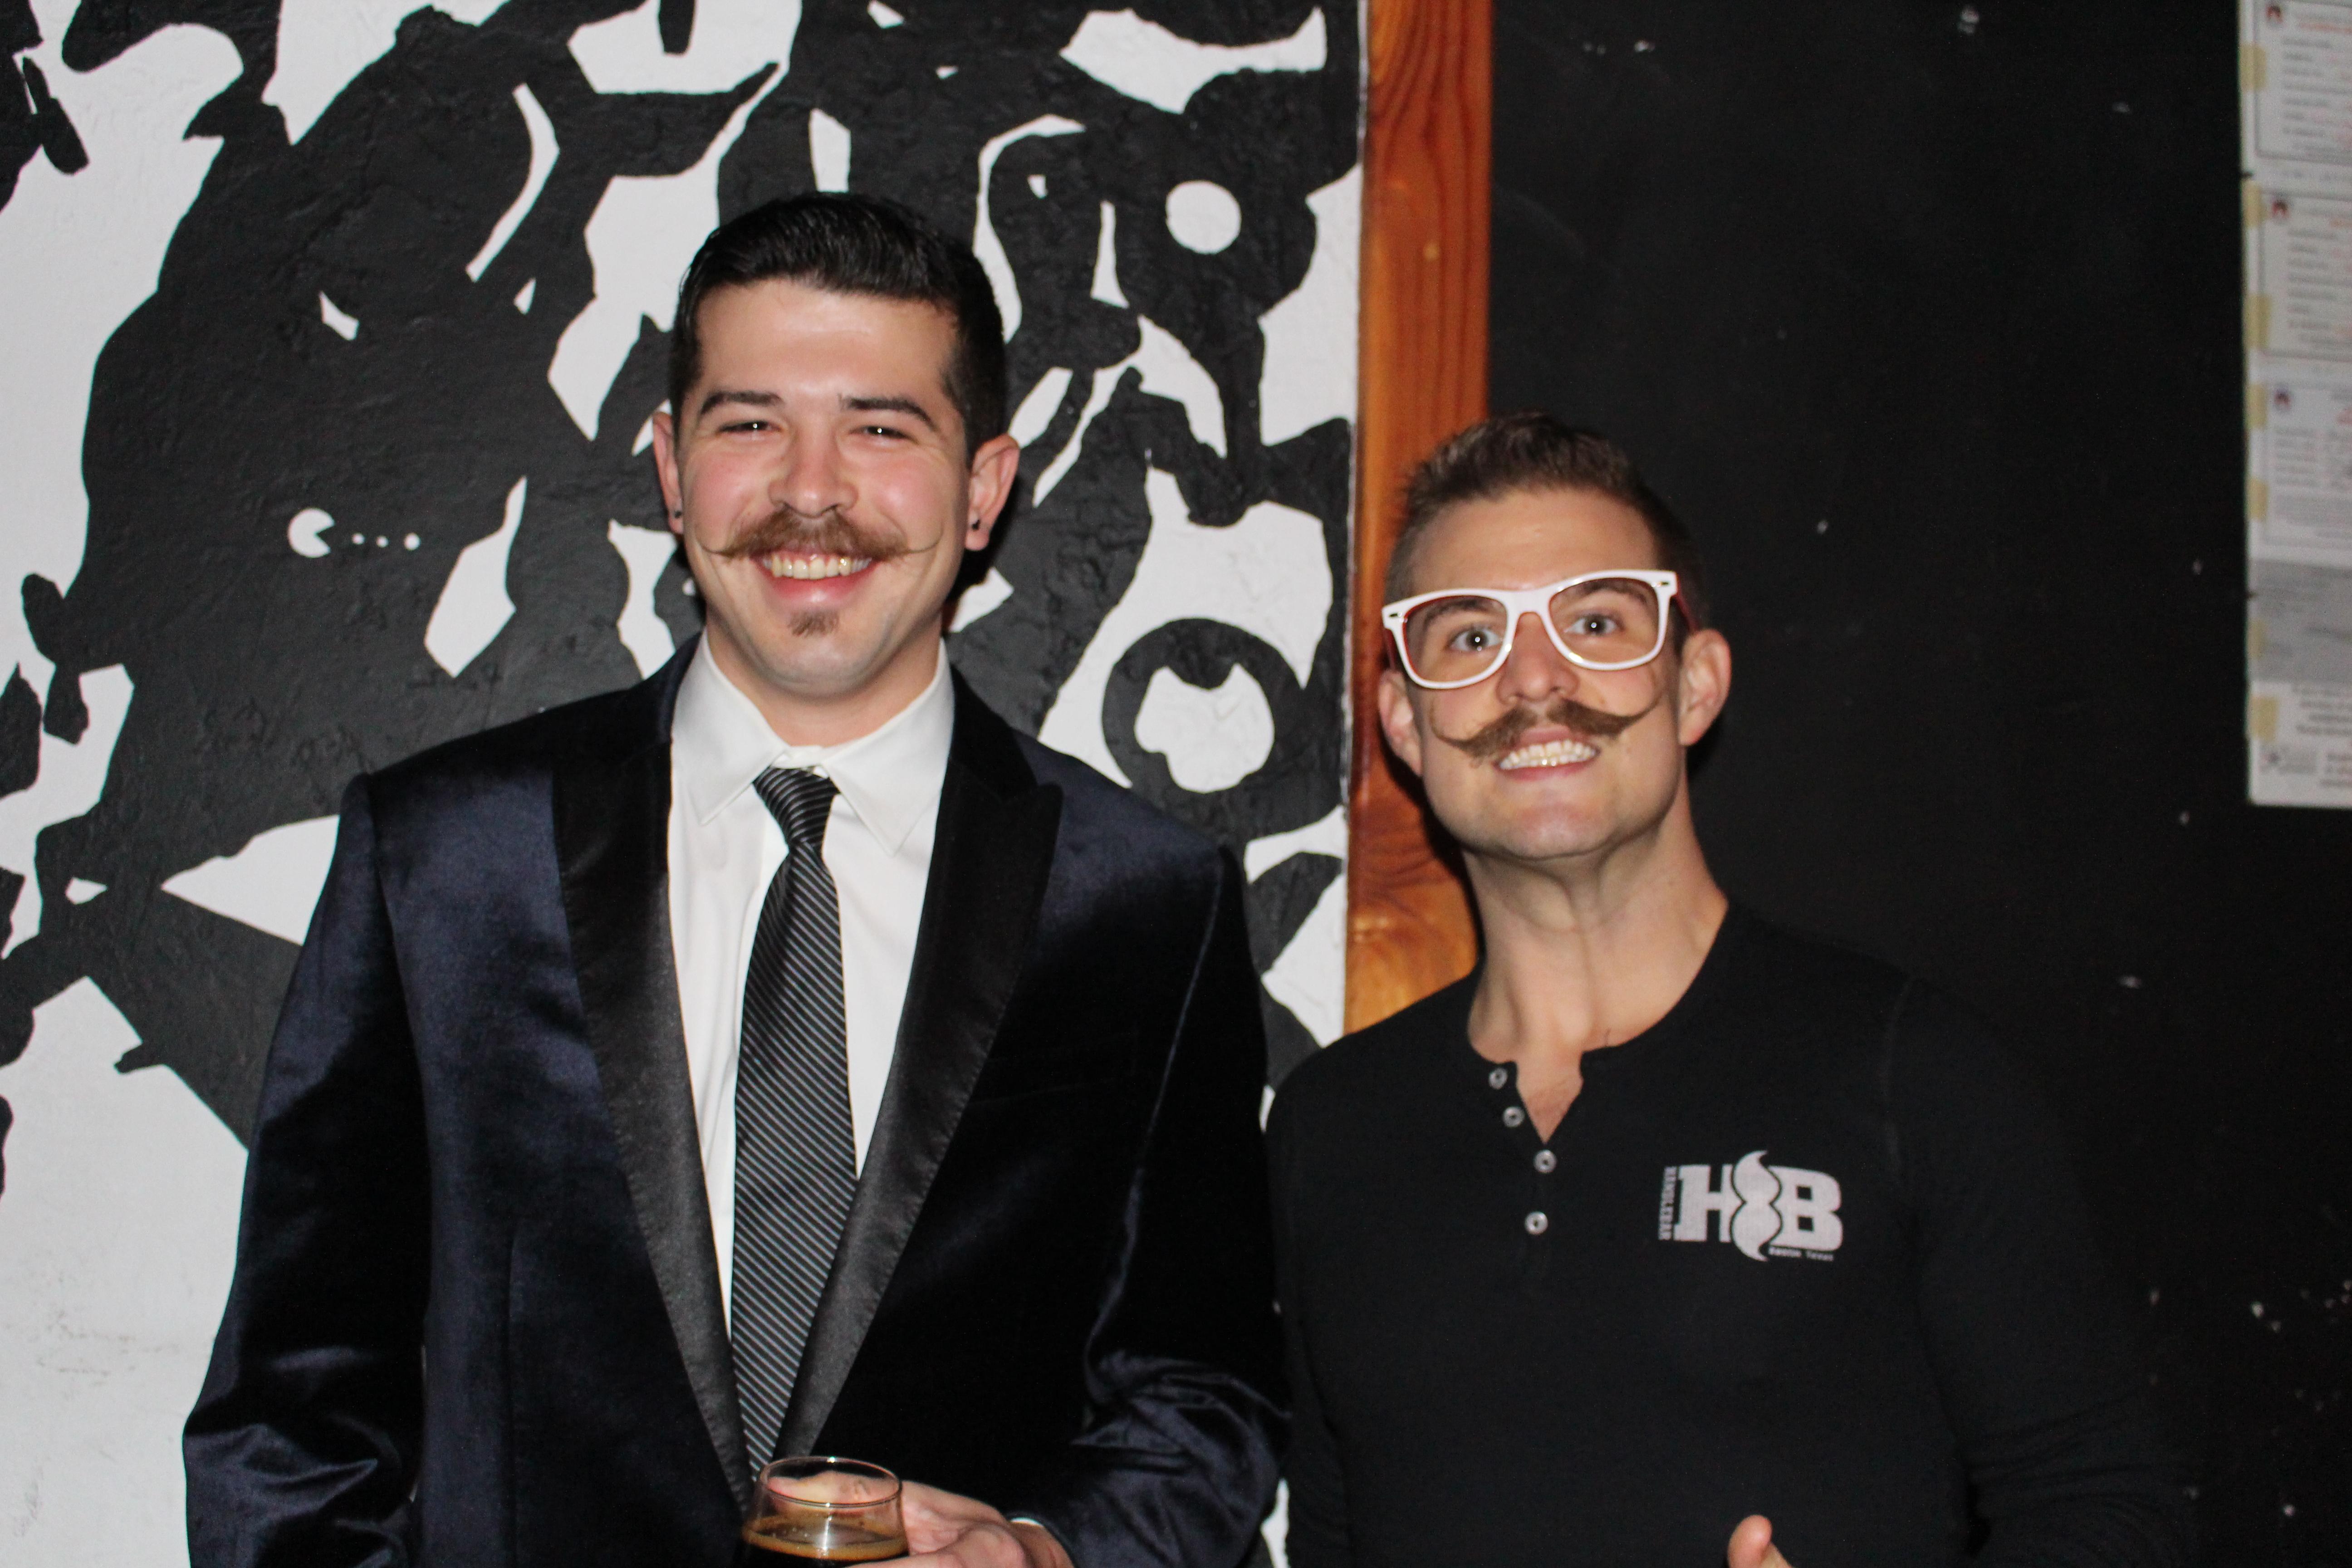 Mustache Competitors